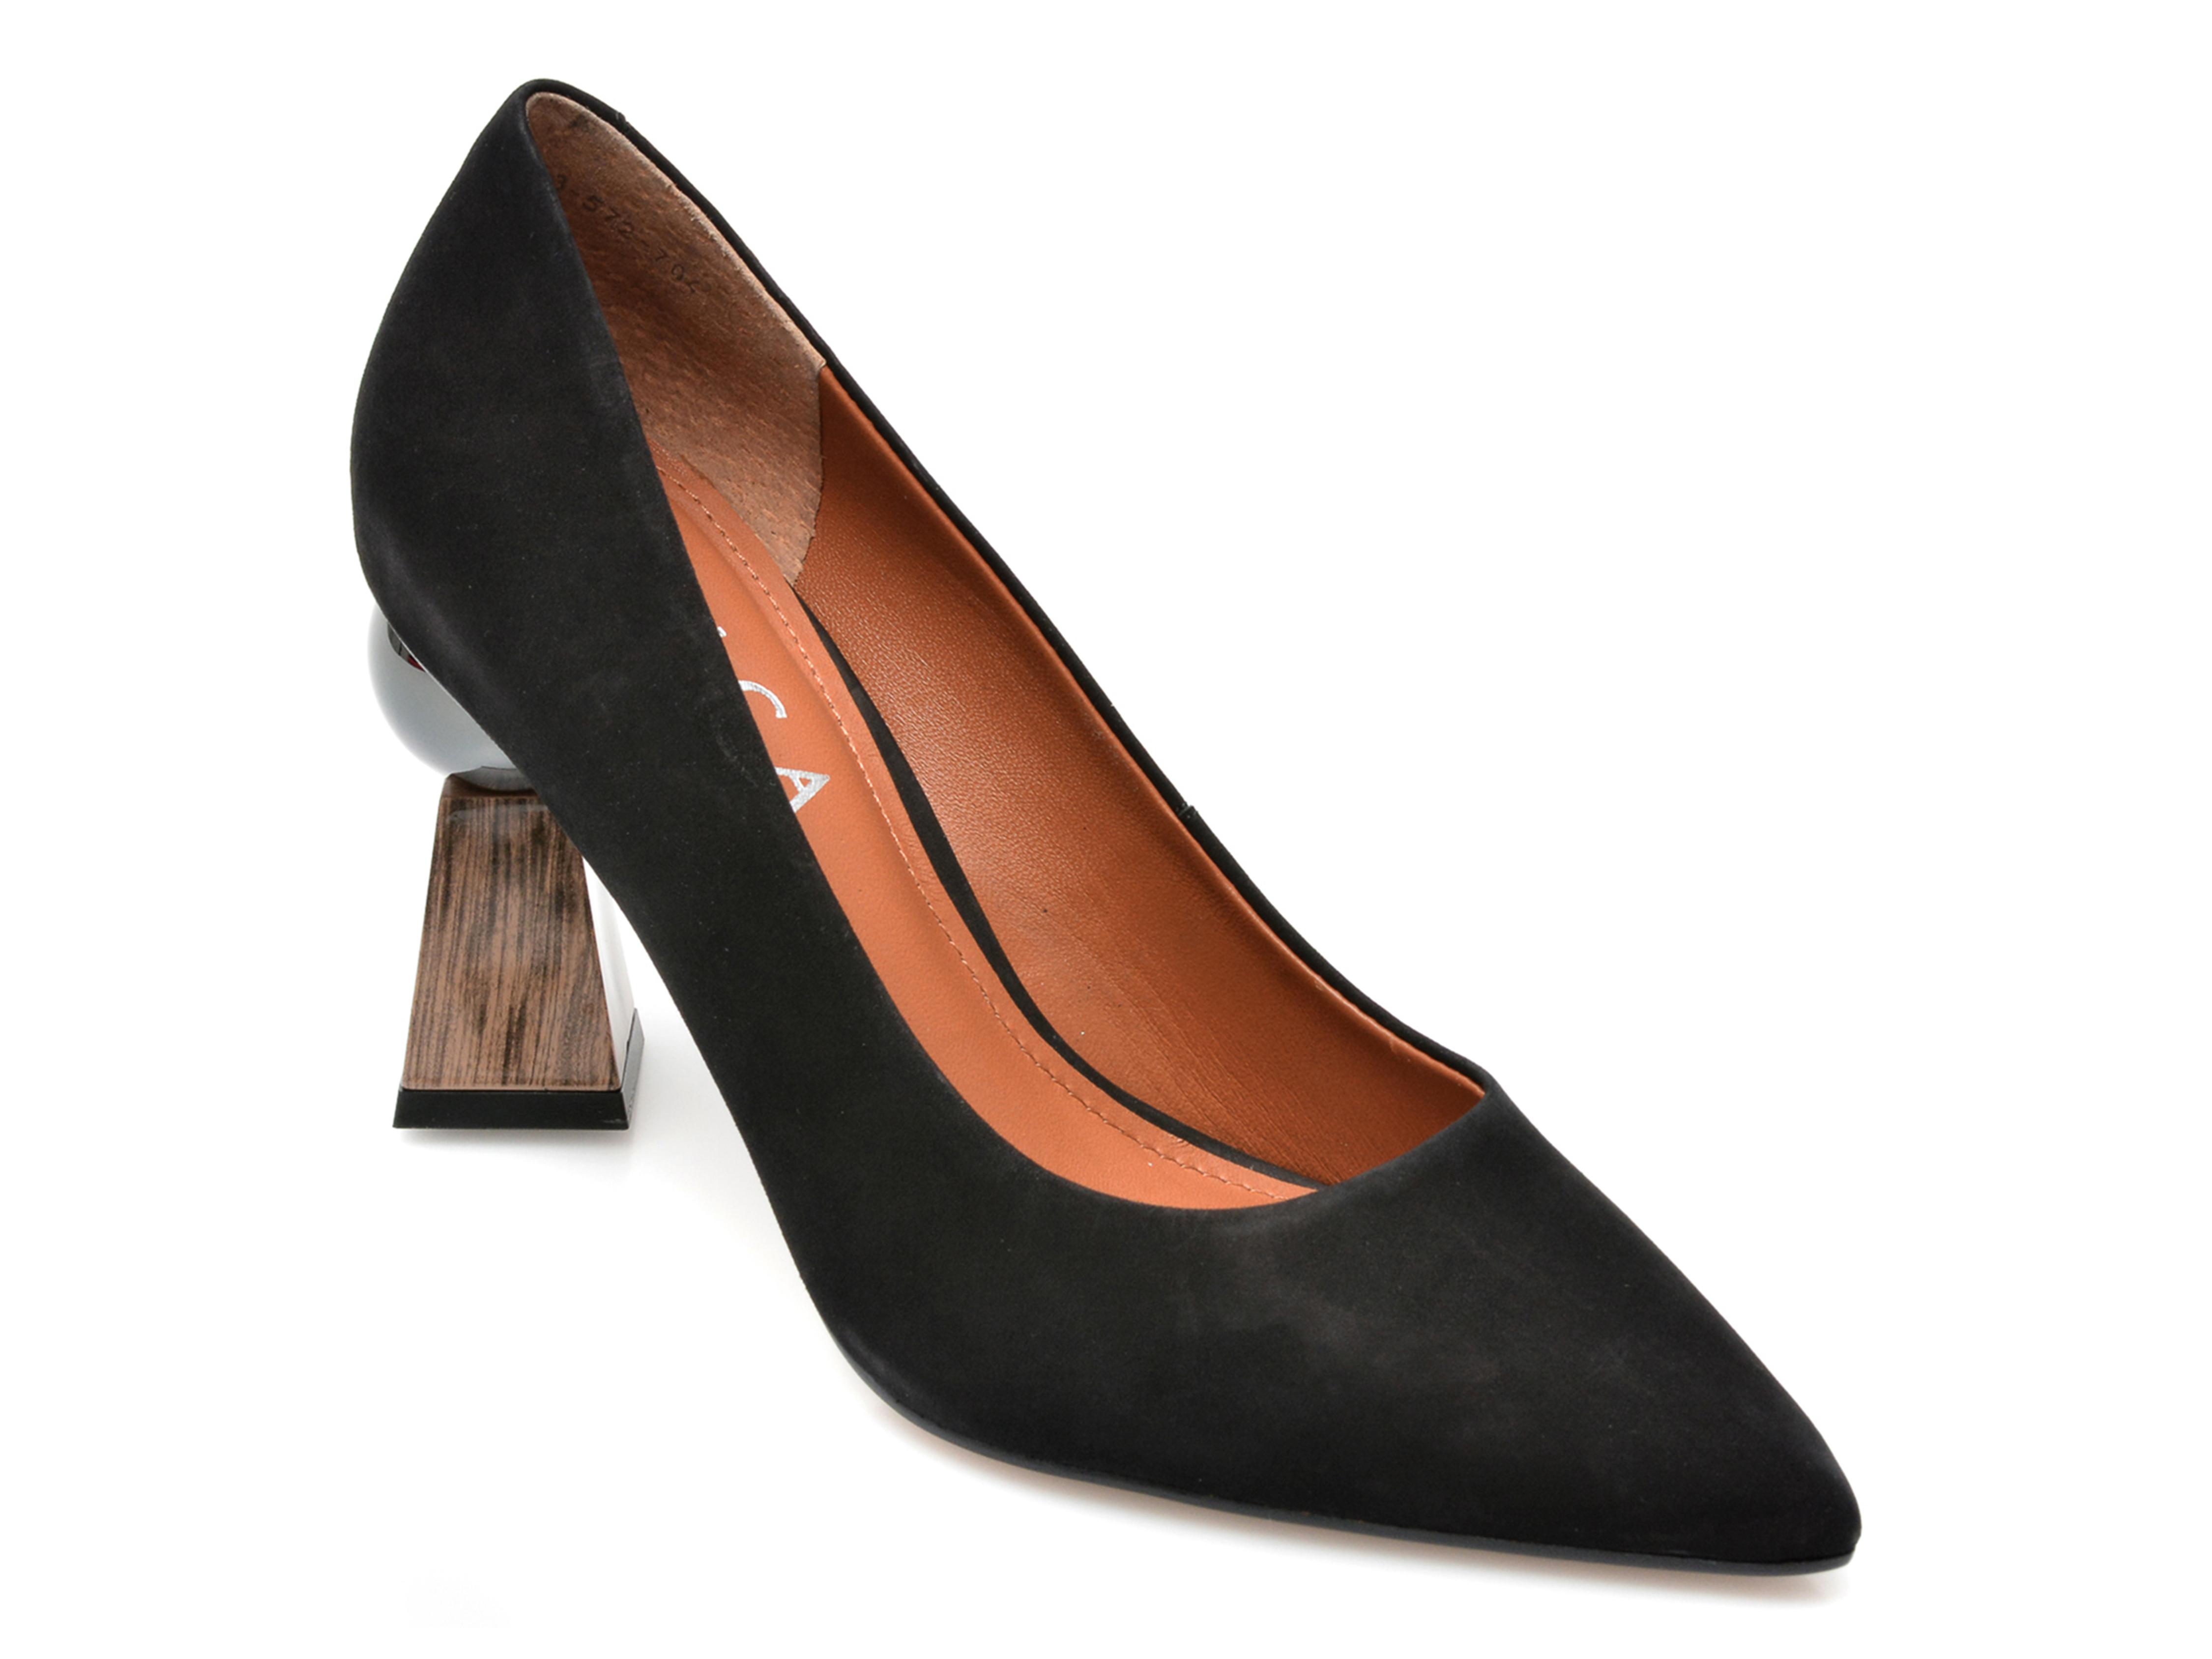 Pantofi EPICA negri, 1843704, din nabuc imagine otter.ro 2021